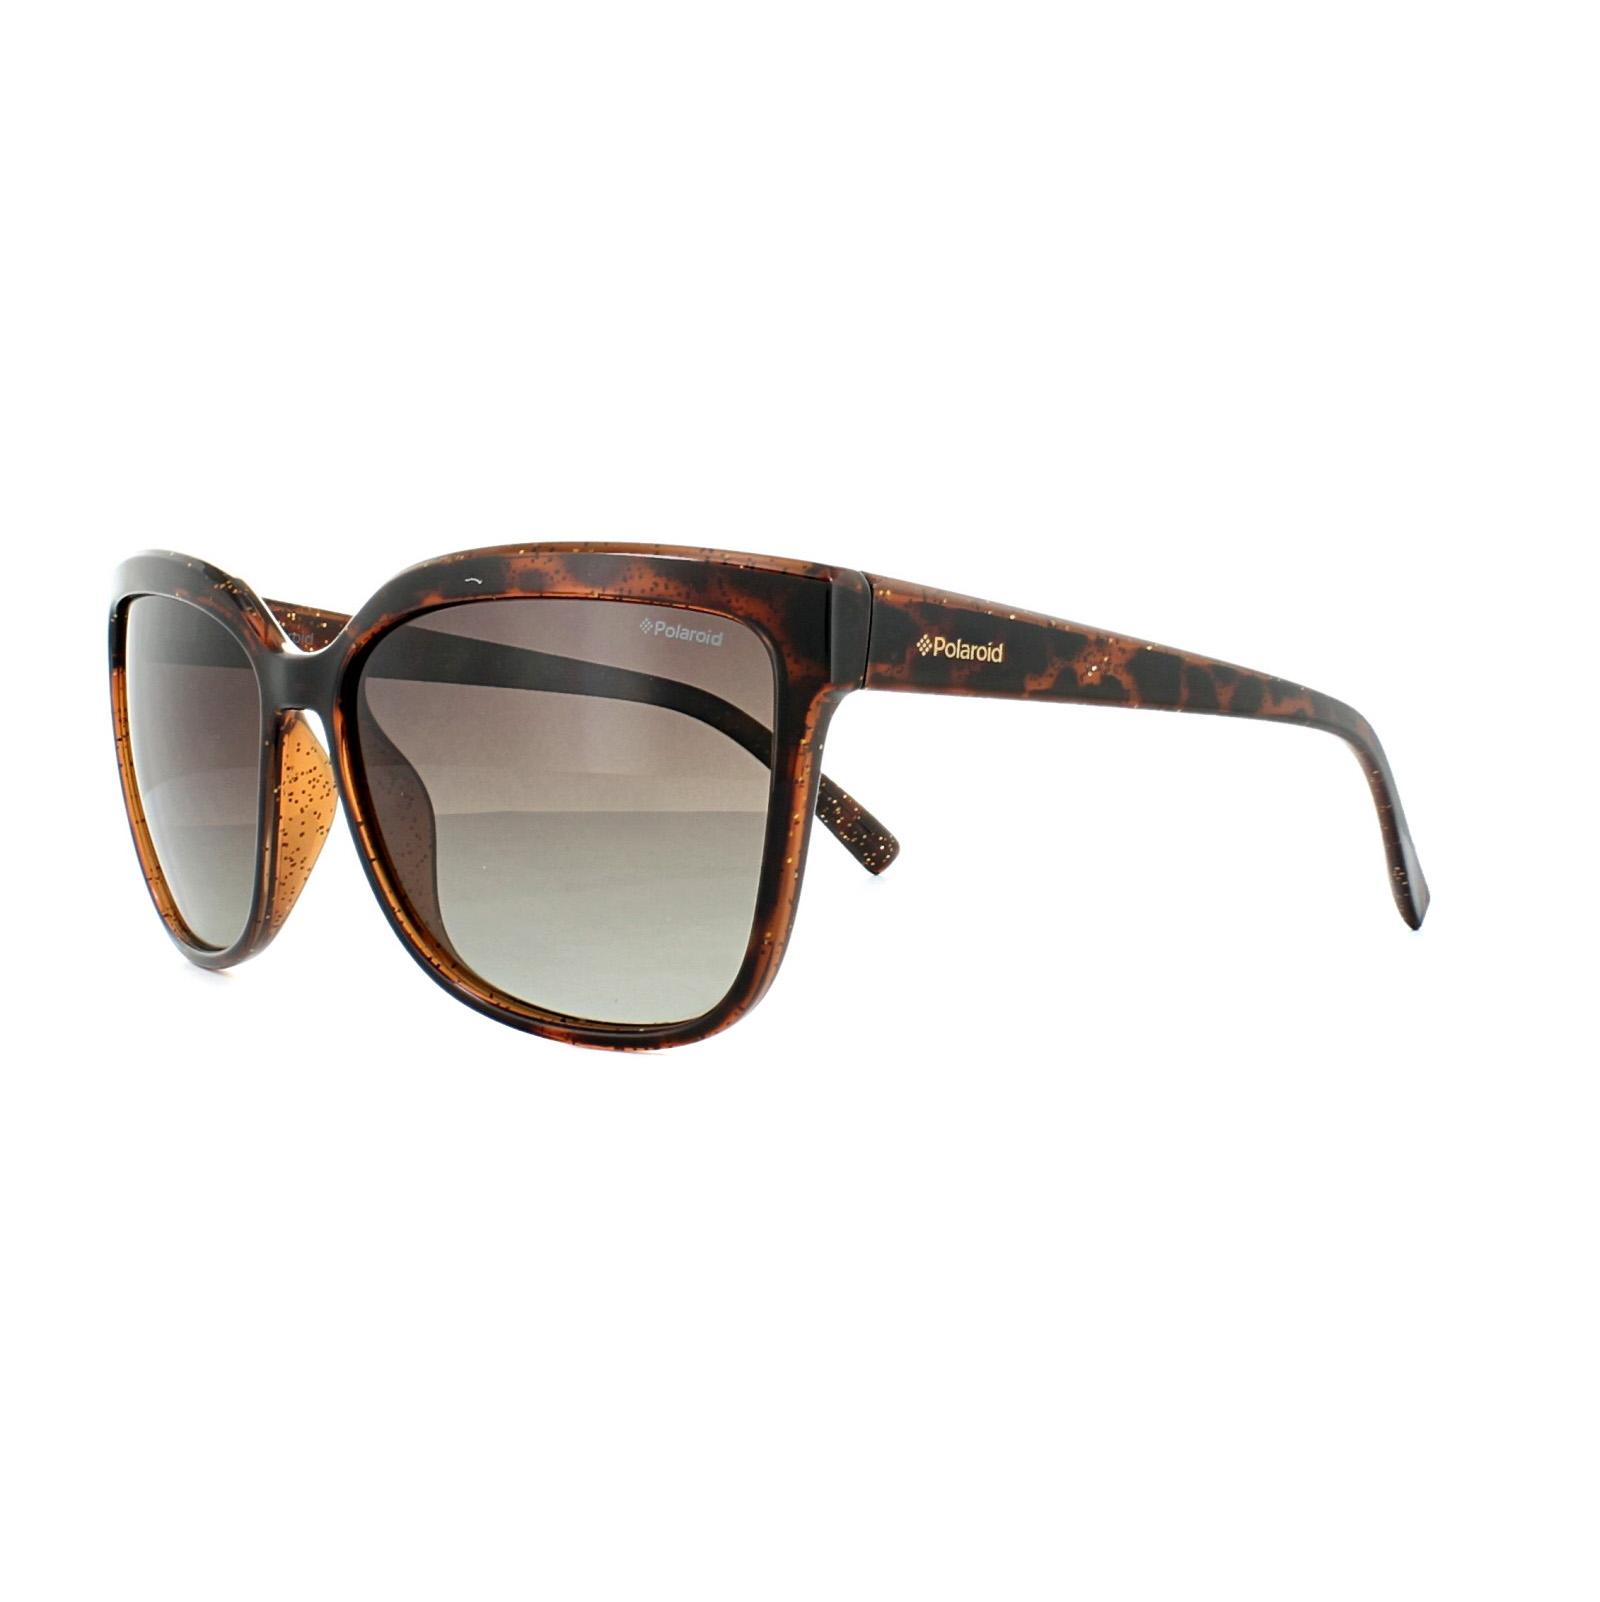 e0fbc69153 Sentinel Polaroid Sunglasses 4029 S Q3V LA Dark Havana Brown Gradient  Polarized